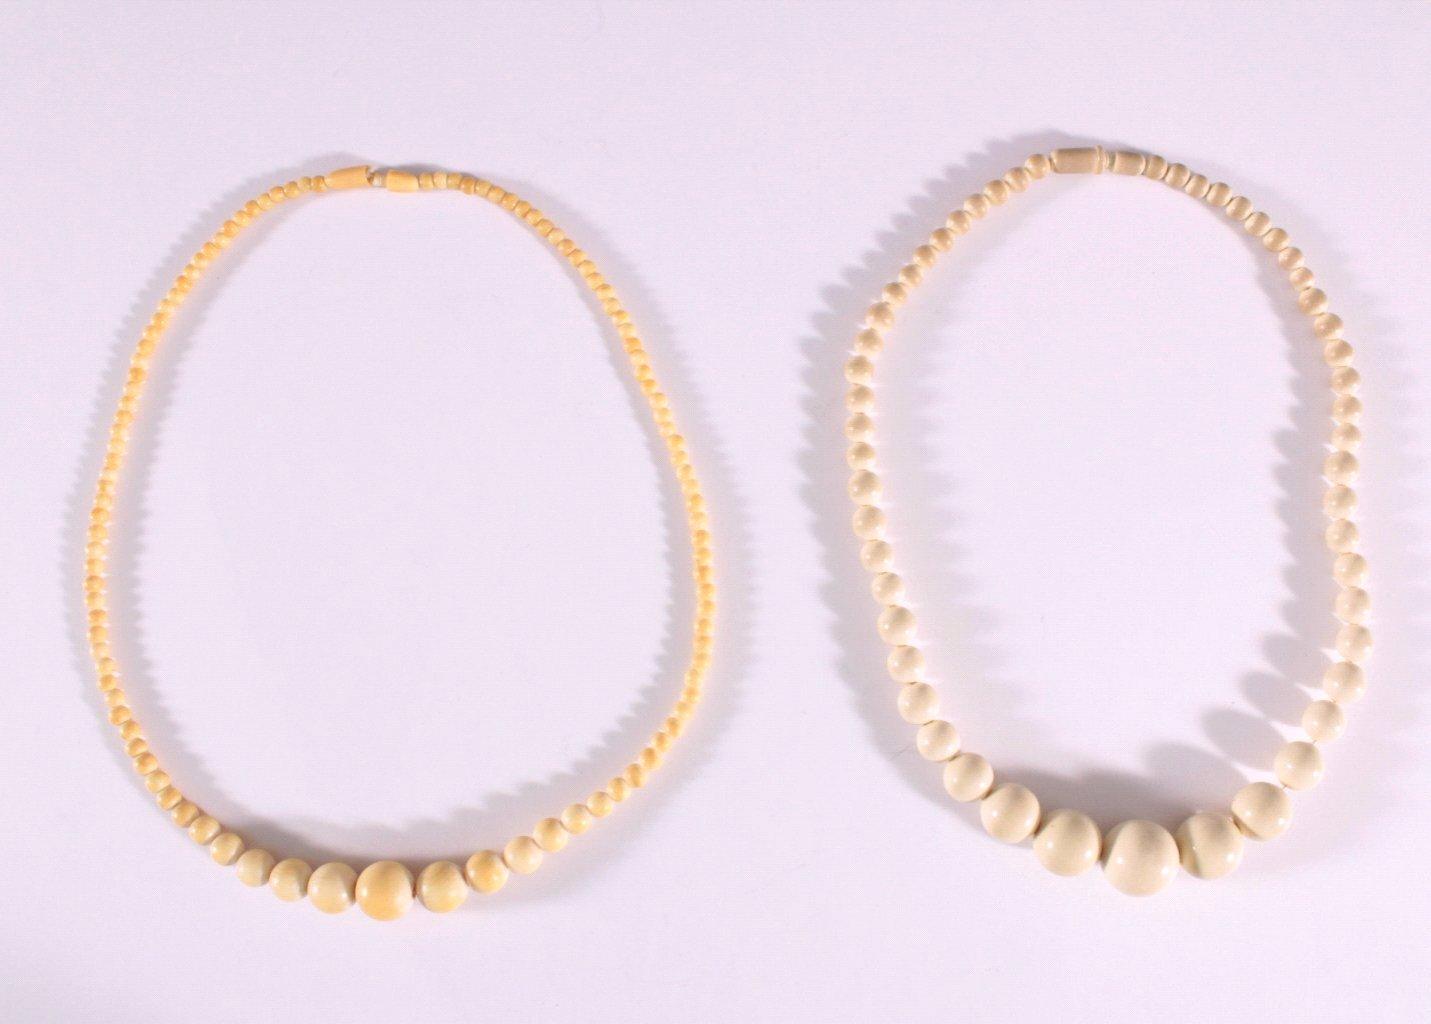 2 Halsketten aus Elfenbeinkugeln aus den ca. 20er Jahren